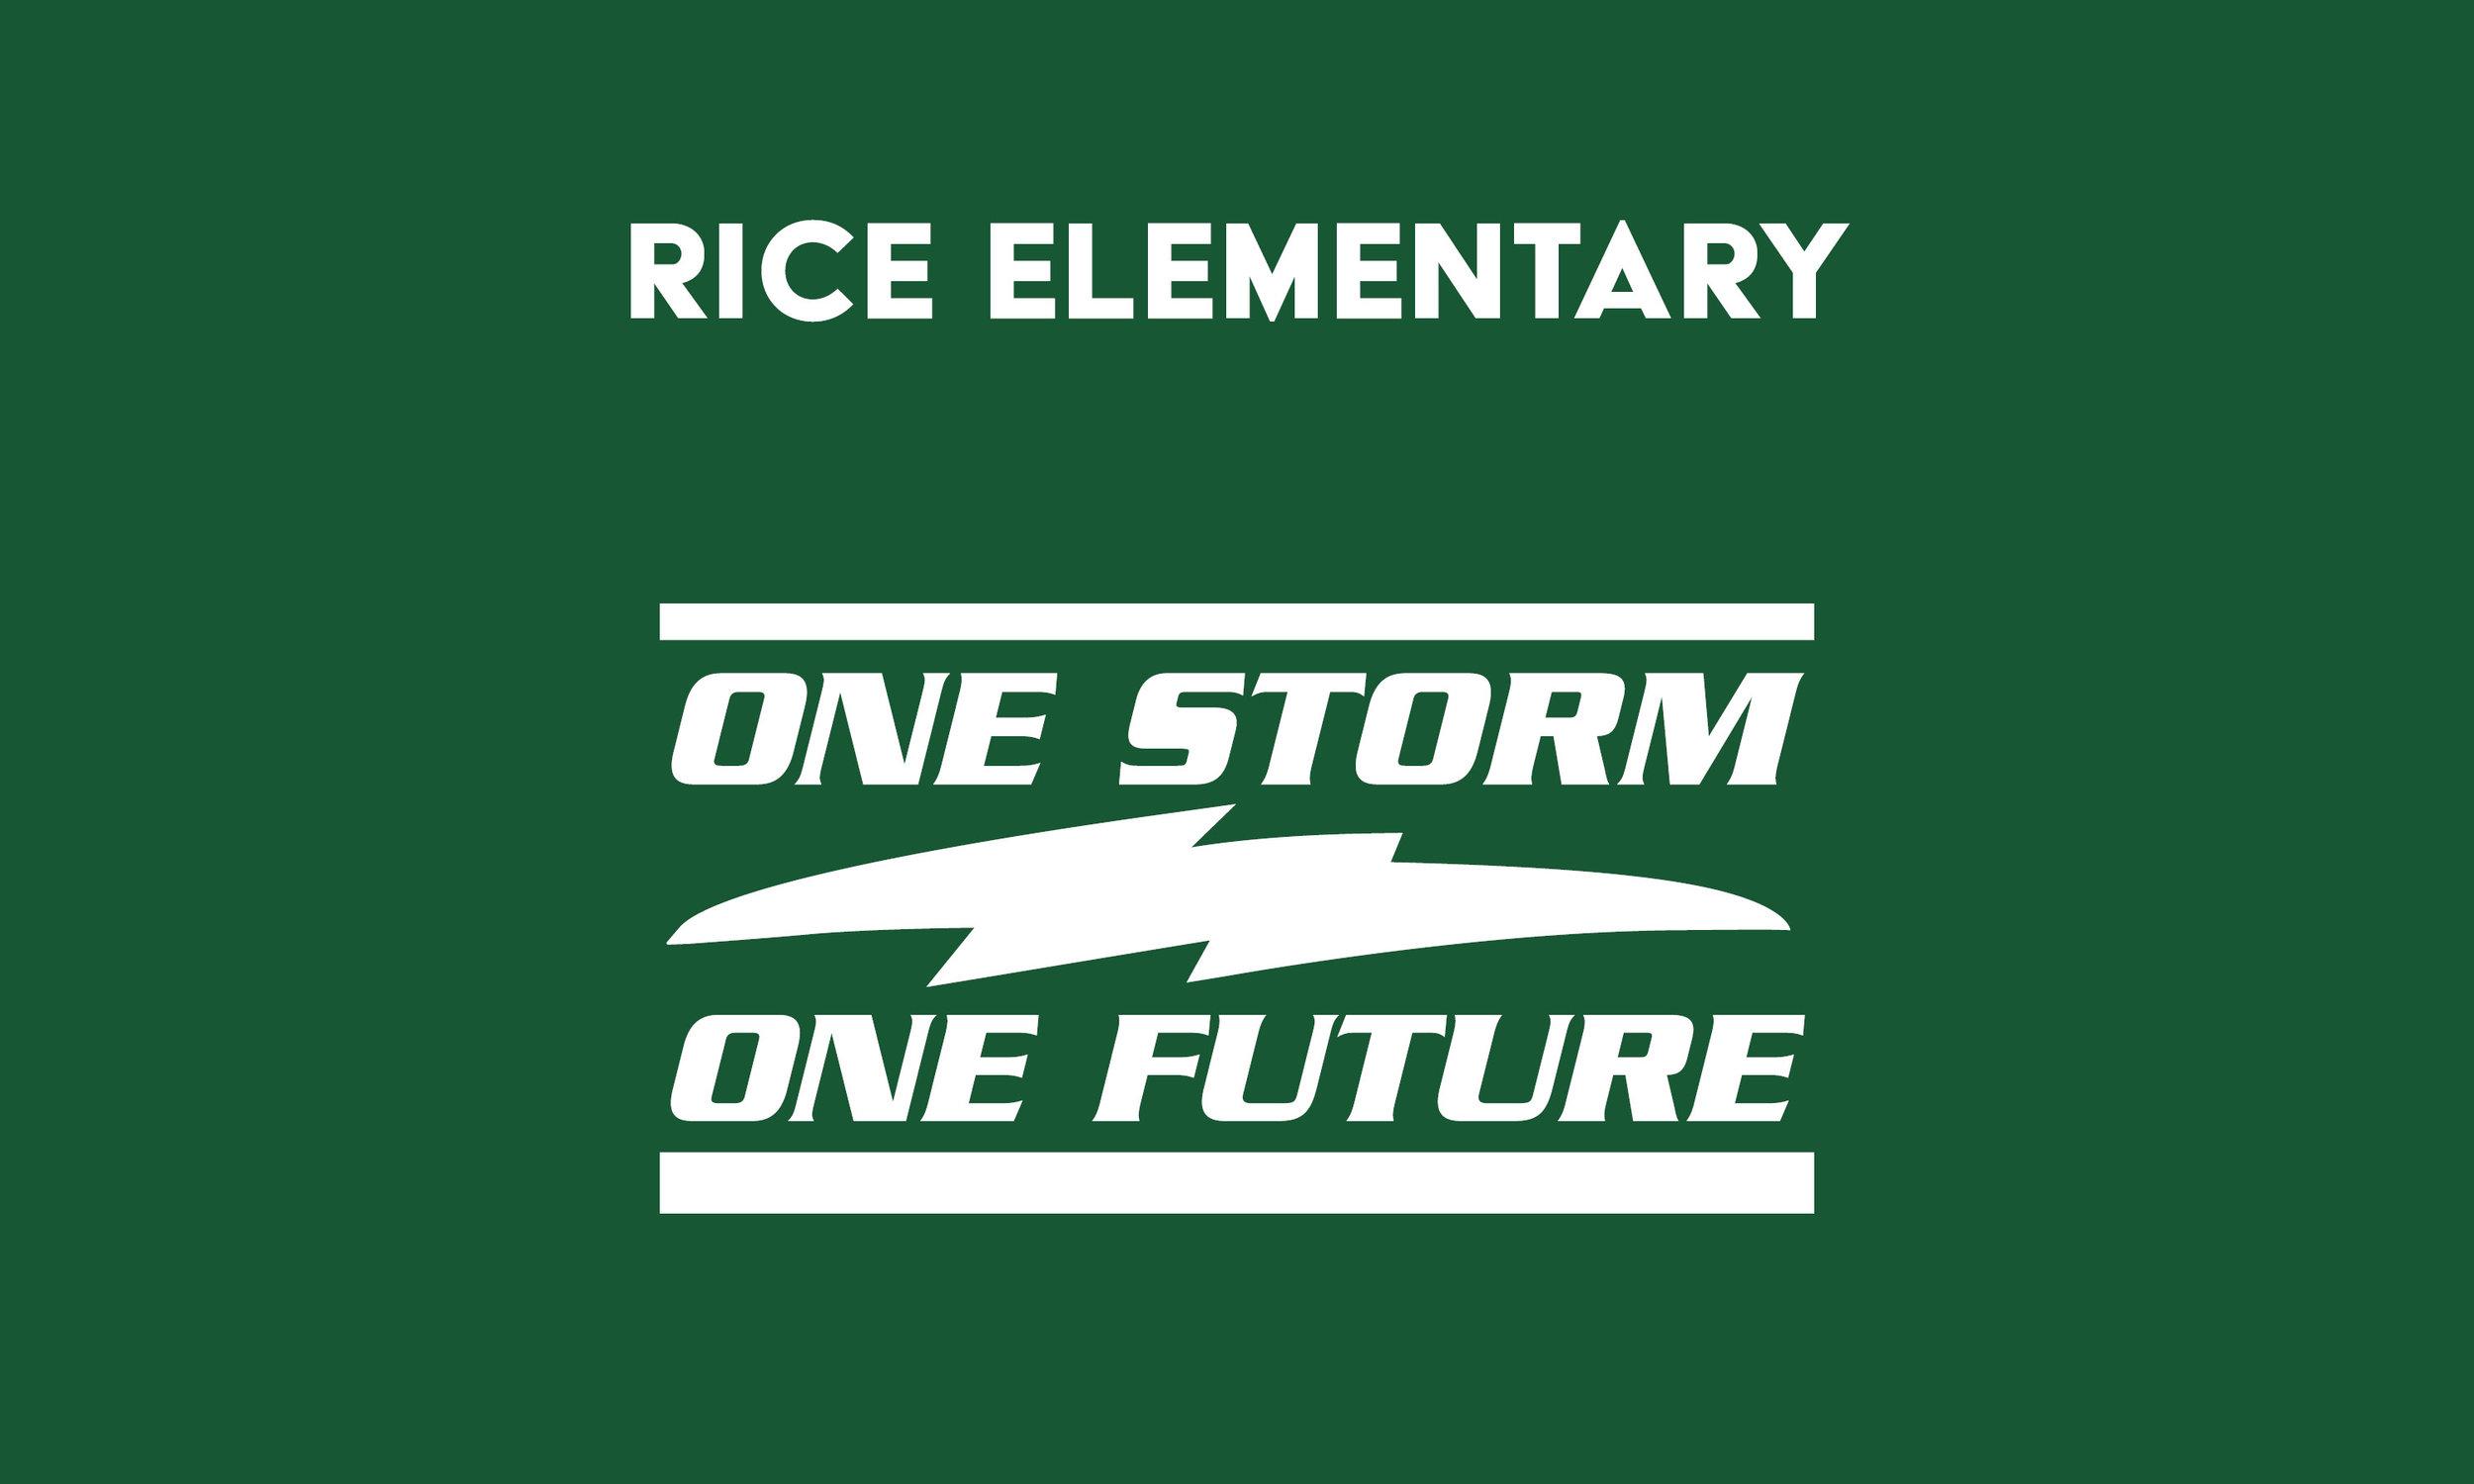 Rice_Elementary_Graphic.jpg